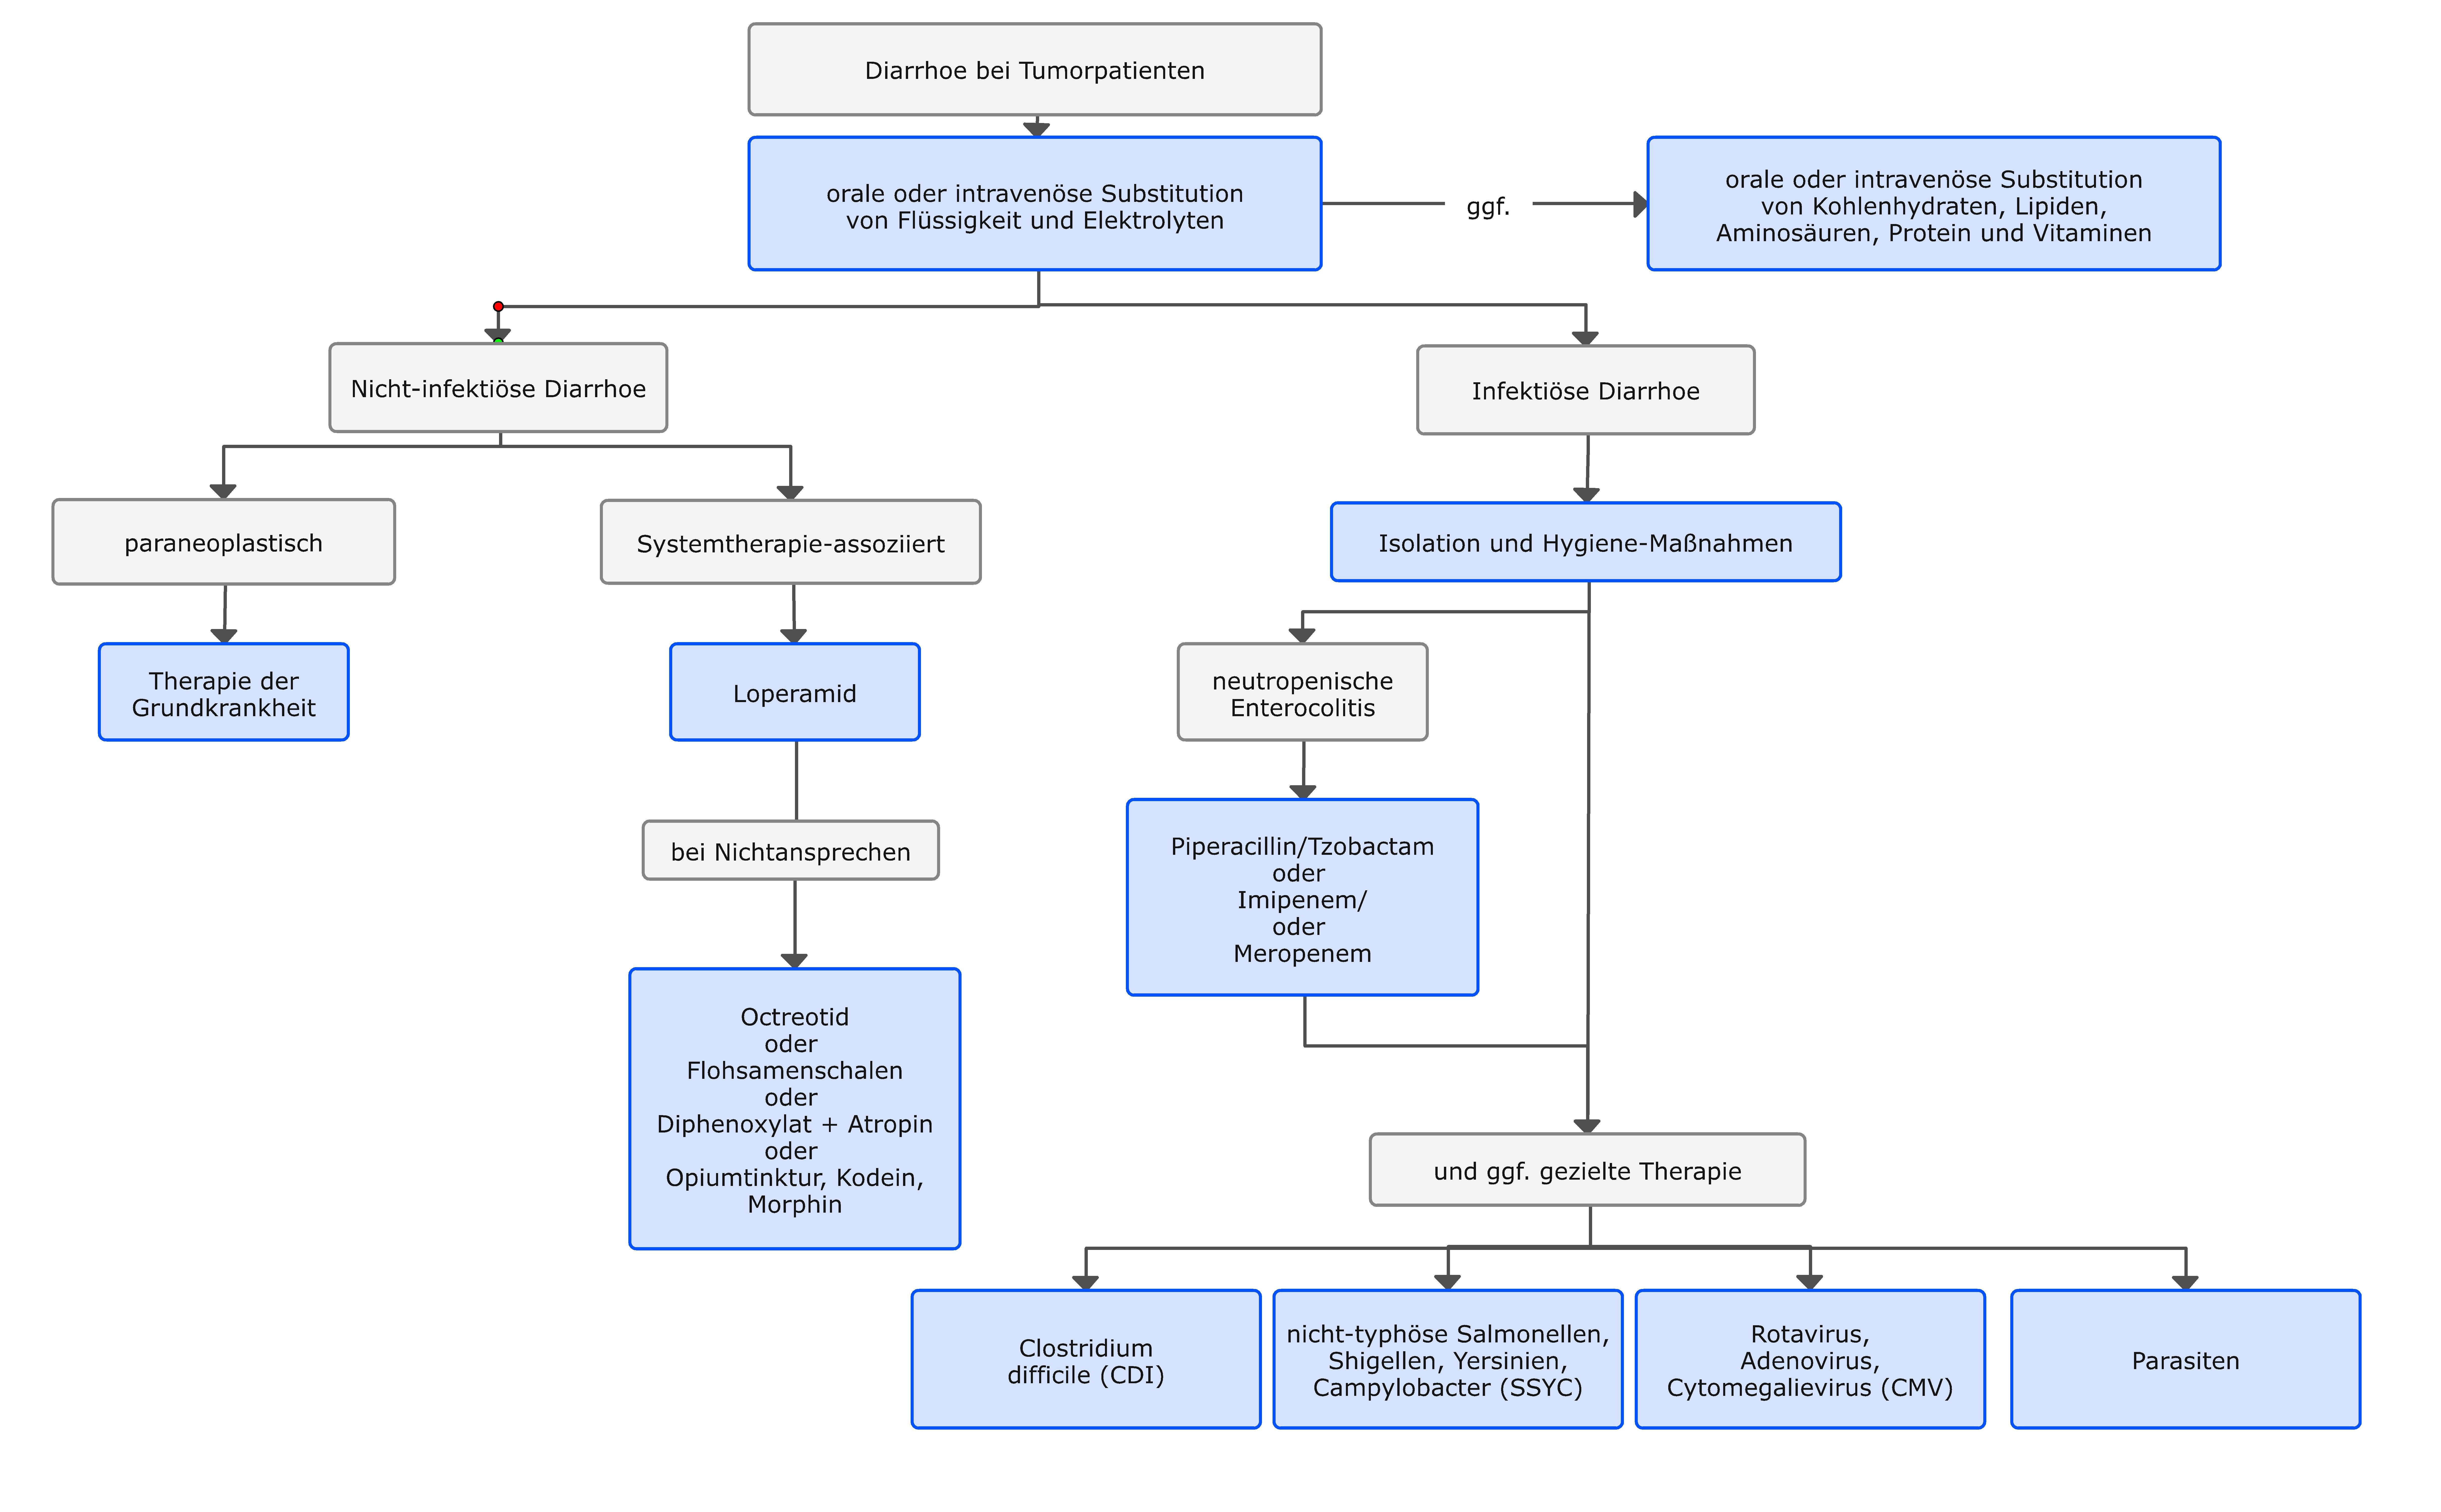 Therapeutisches Vorgehen bei Diarrhoe